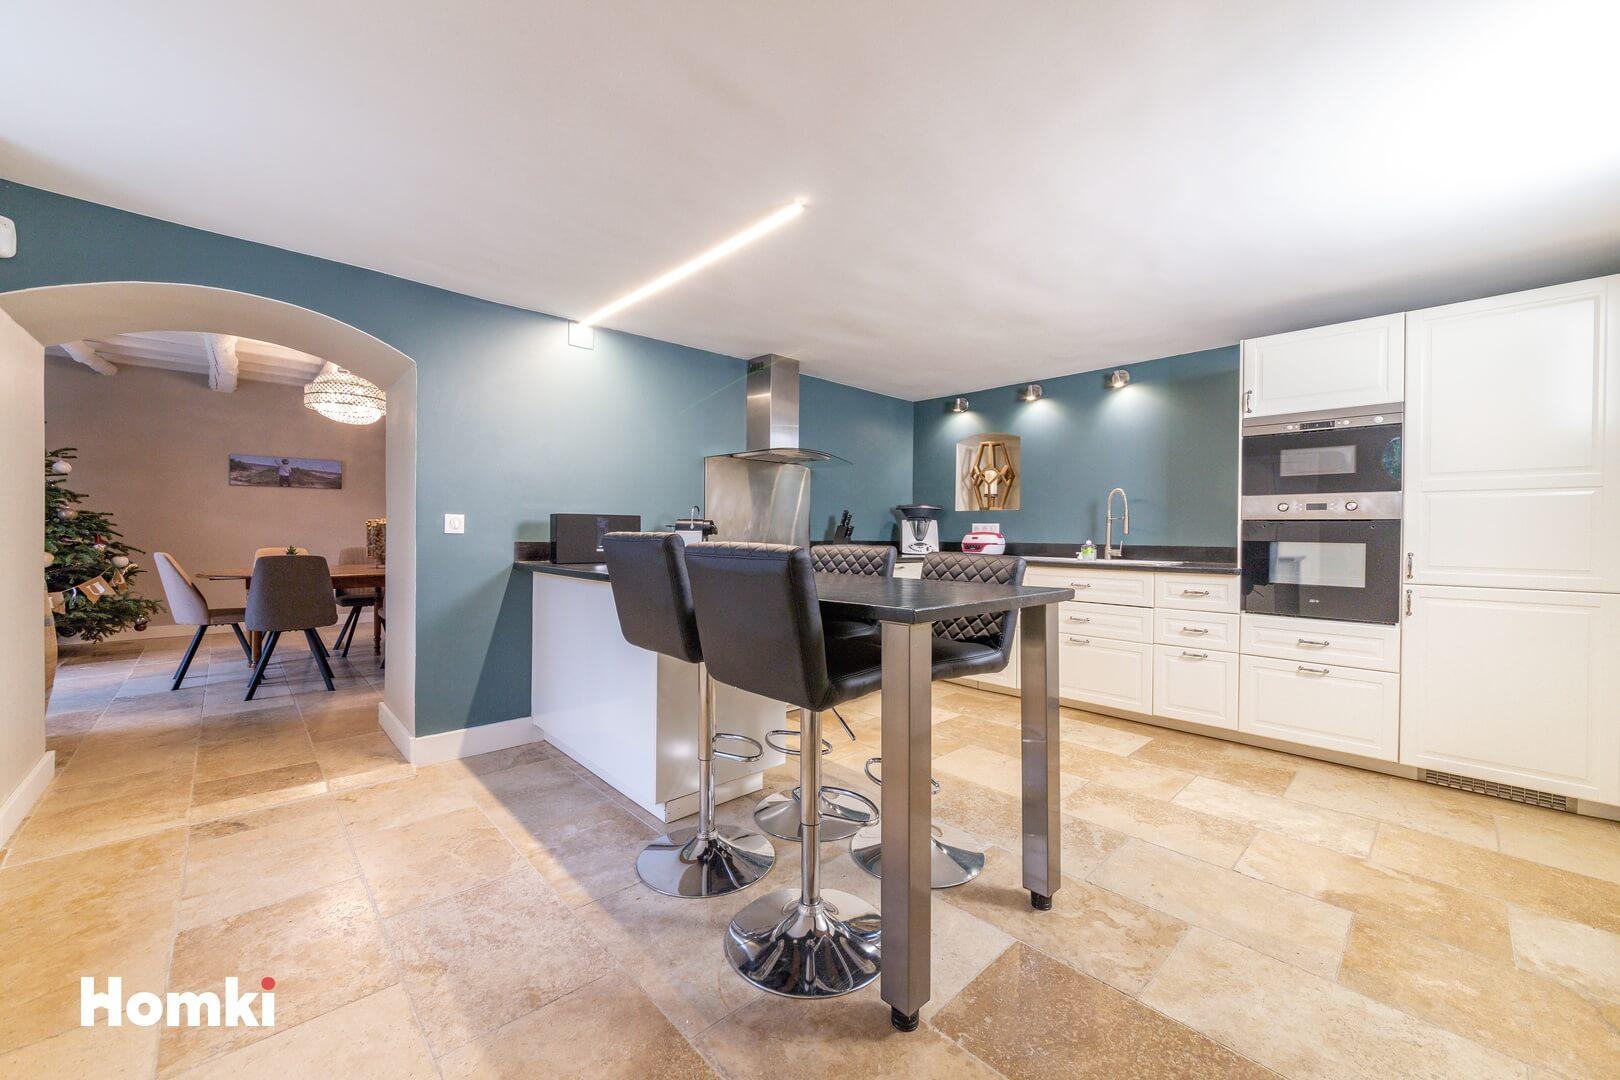 Homki - Vente Maison/villa  de 190.0 m² à Châteaurenard 13160